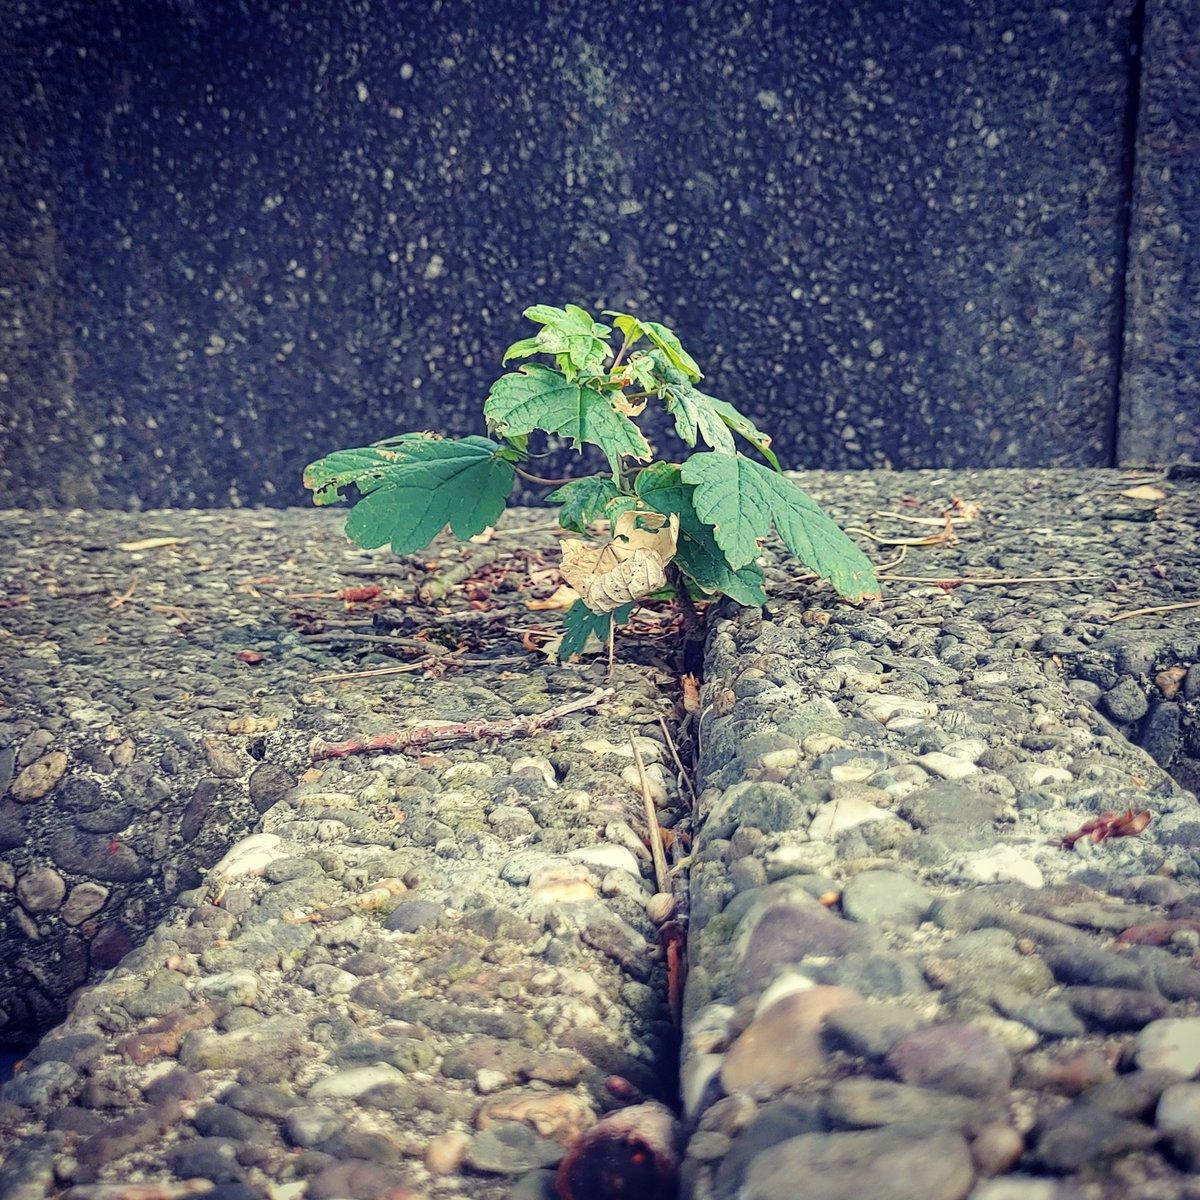 Manchmal reicht die Hoffnung, um etwas entstehen zu lassen, was unmöglich scheint.   #philosophie. #photography #gutenacht #nachdenklich #naturfotografie_deutschland #stadtfotografie #bilderkunst #fotografie #schlafen #ahorn #streamer #twitchstreaming #twitchtvpic.twitter.com/31z3wS34wX